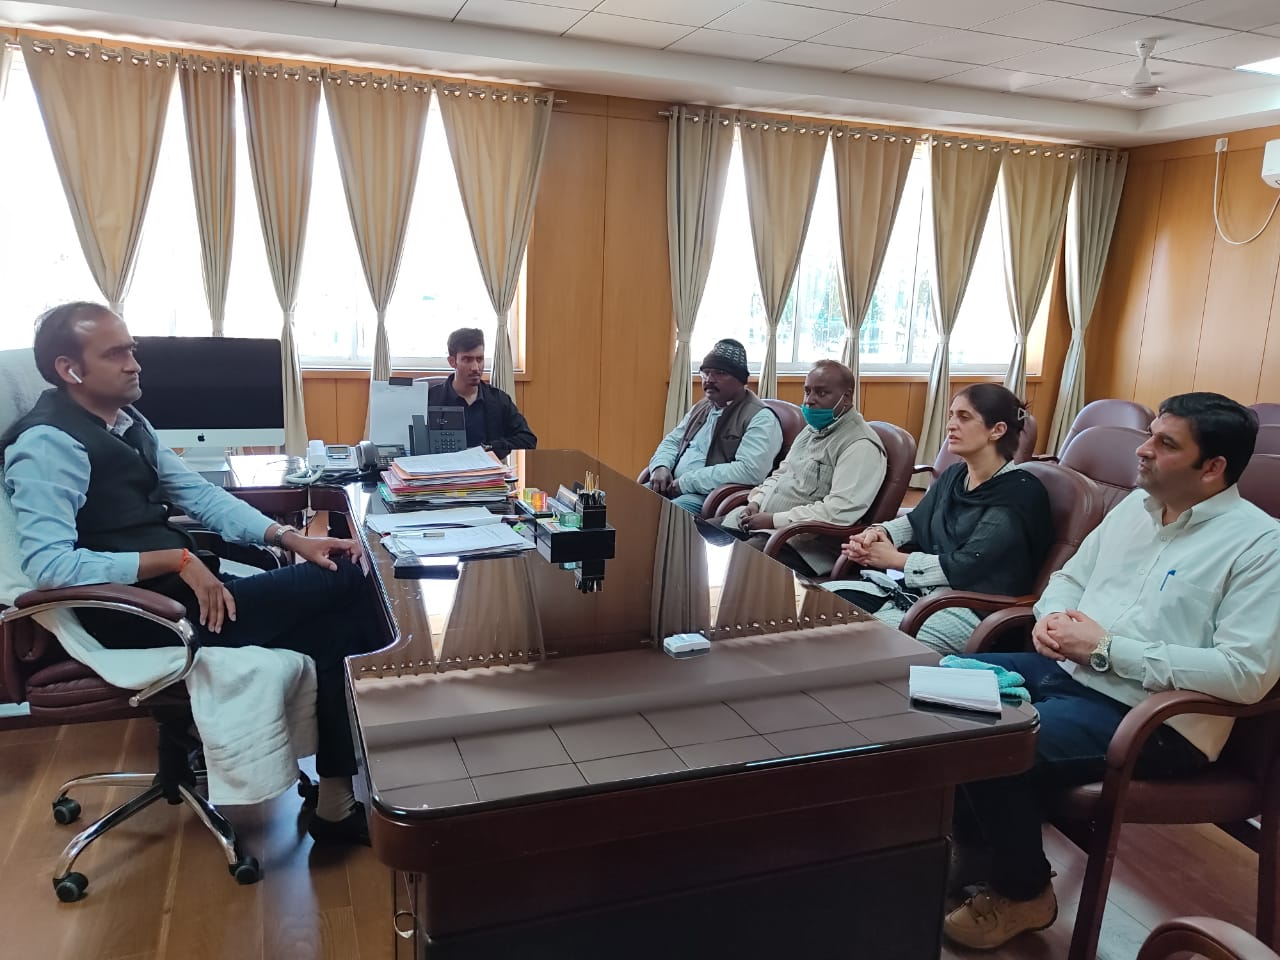 जम्मू कश्मीर सोशल ऑडिटर टीम ने उपायुक्त से की औपचारिक मुलाकात